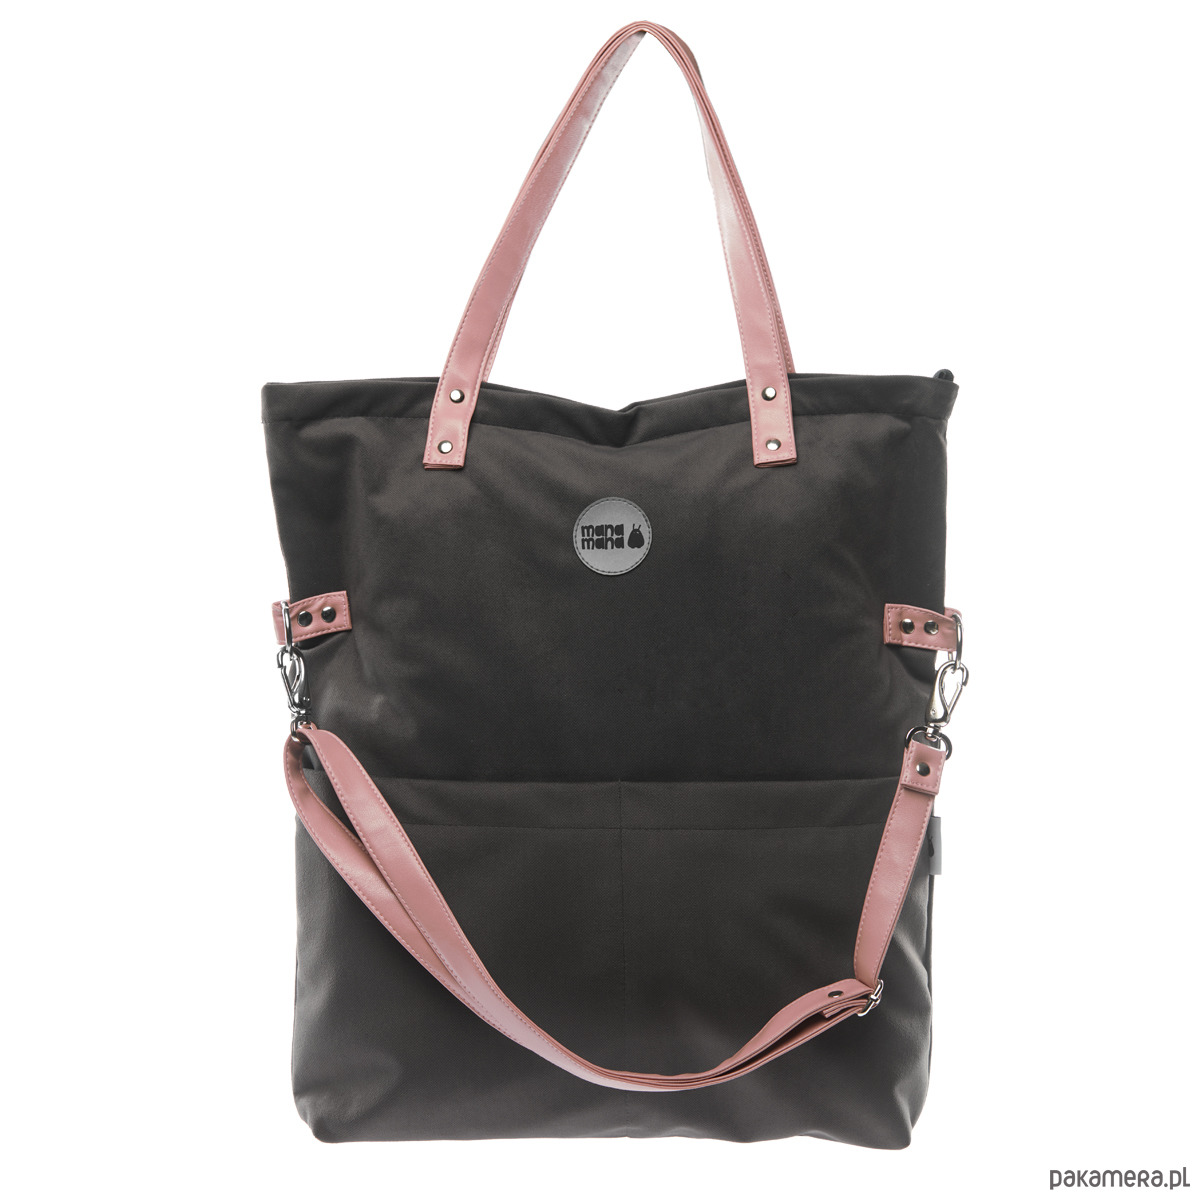 9d2be07f4153d torby na ramię - damskie-Torba Damska Cube Zamsz Grafit #Pudrowy róż